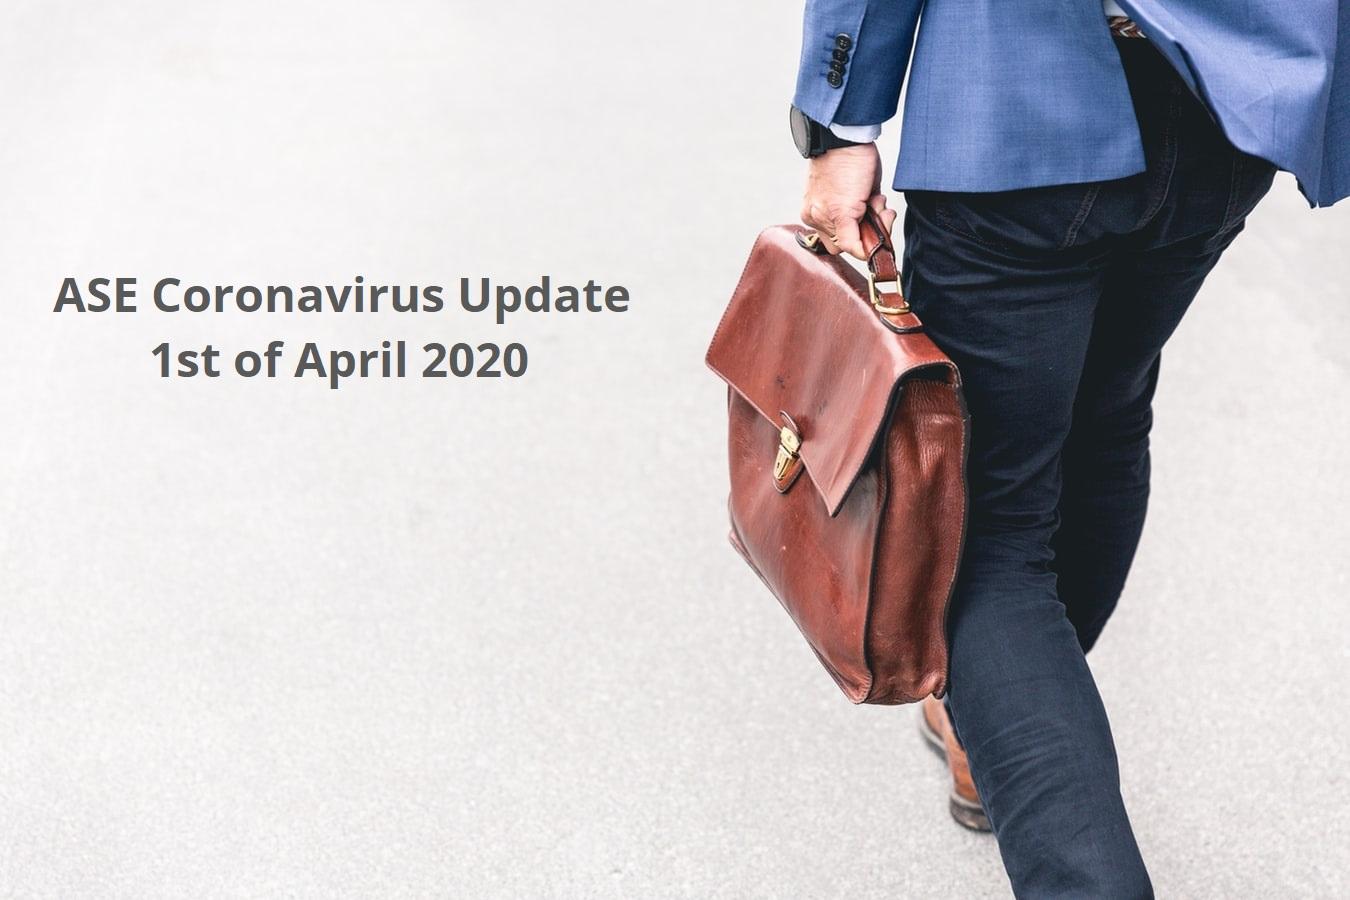 ASE Coronavirus Update